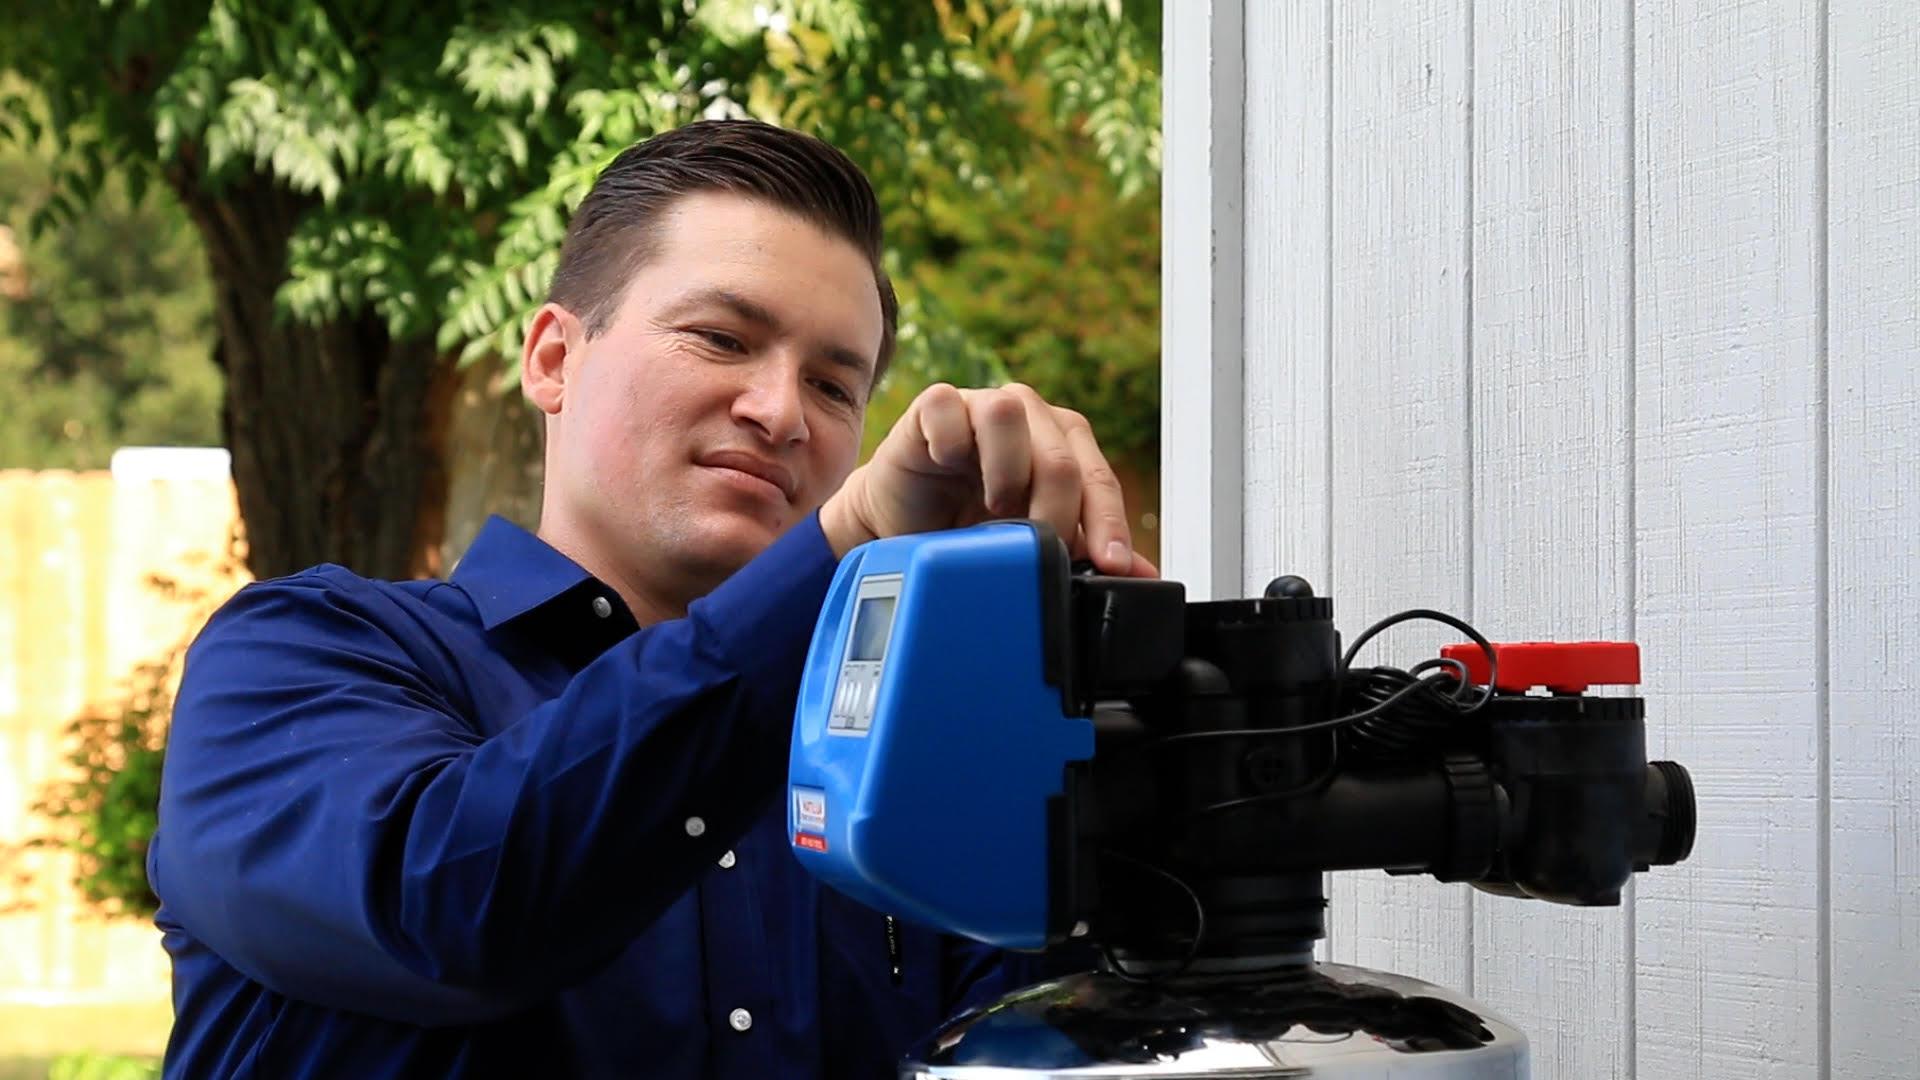 Repairs and Maintenance